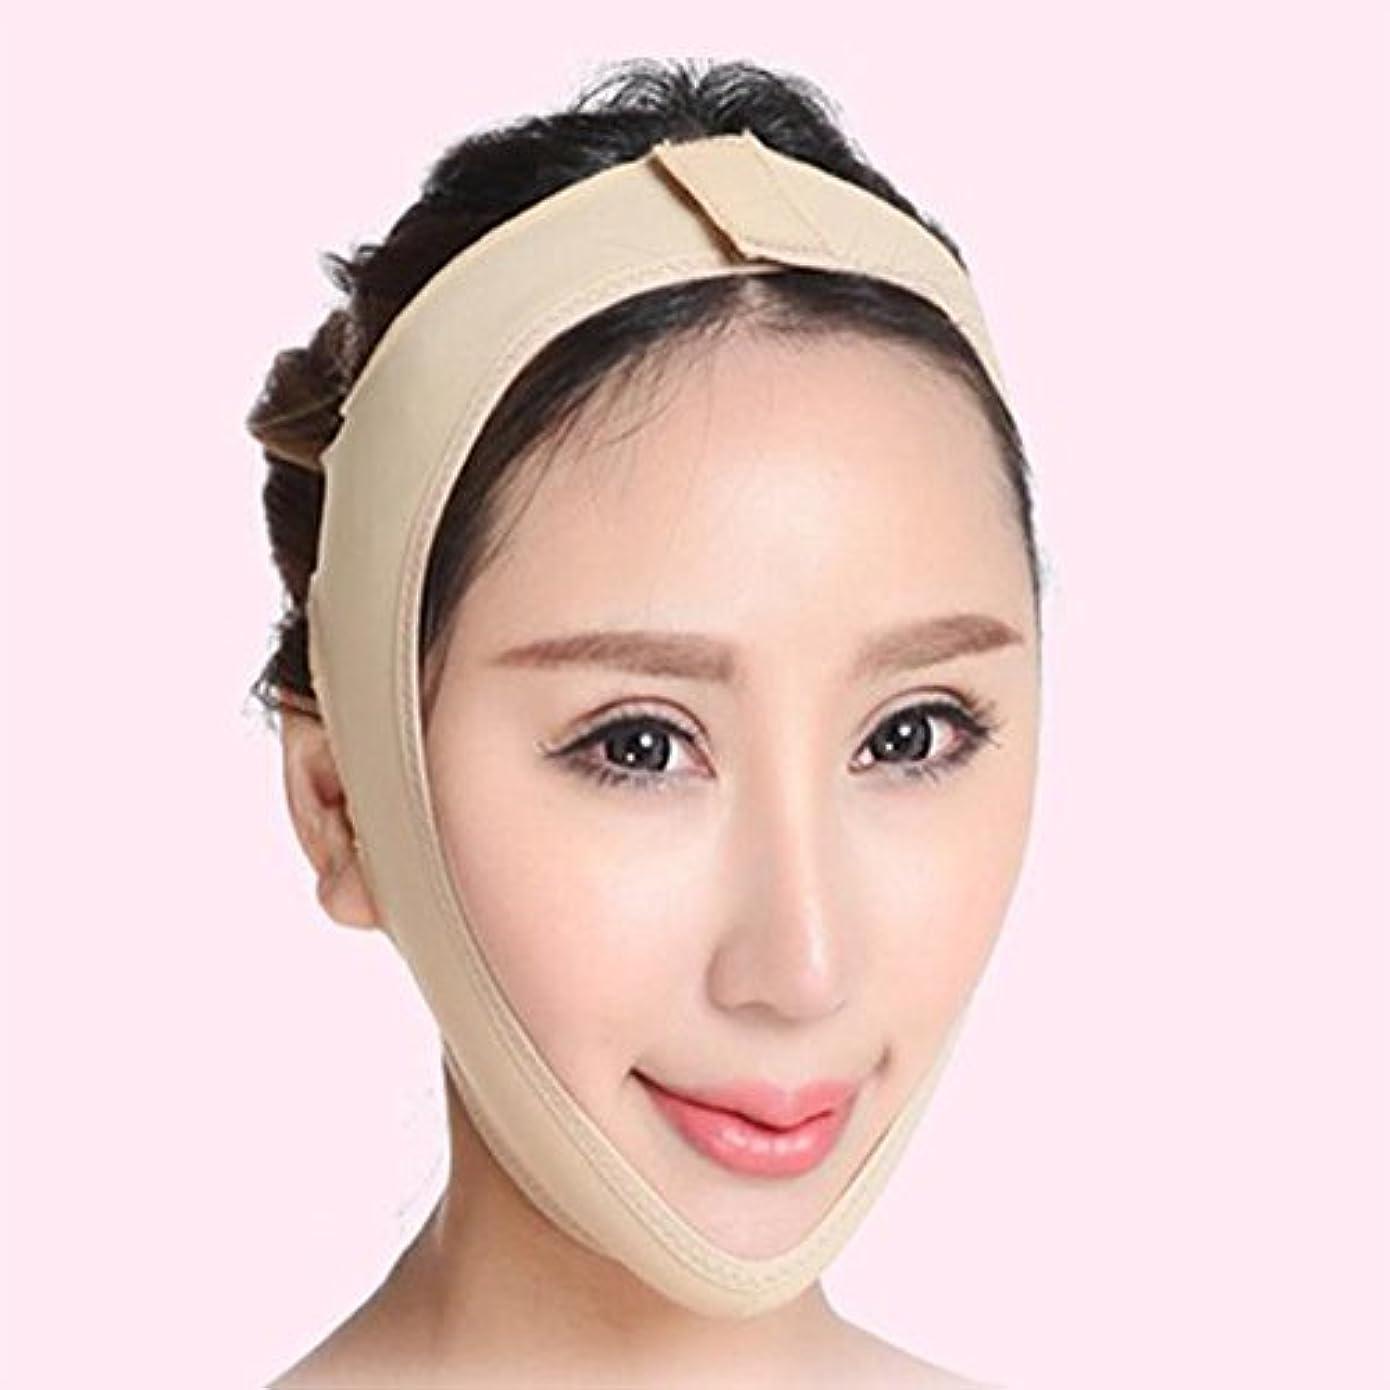 送った設計図大西洋SD 小顔 小顔マスク リフトアップ マスク フェイスライン 矯正 あご シャープ メンズ レディース Sサイズ AZD15003-S